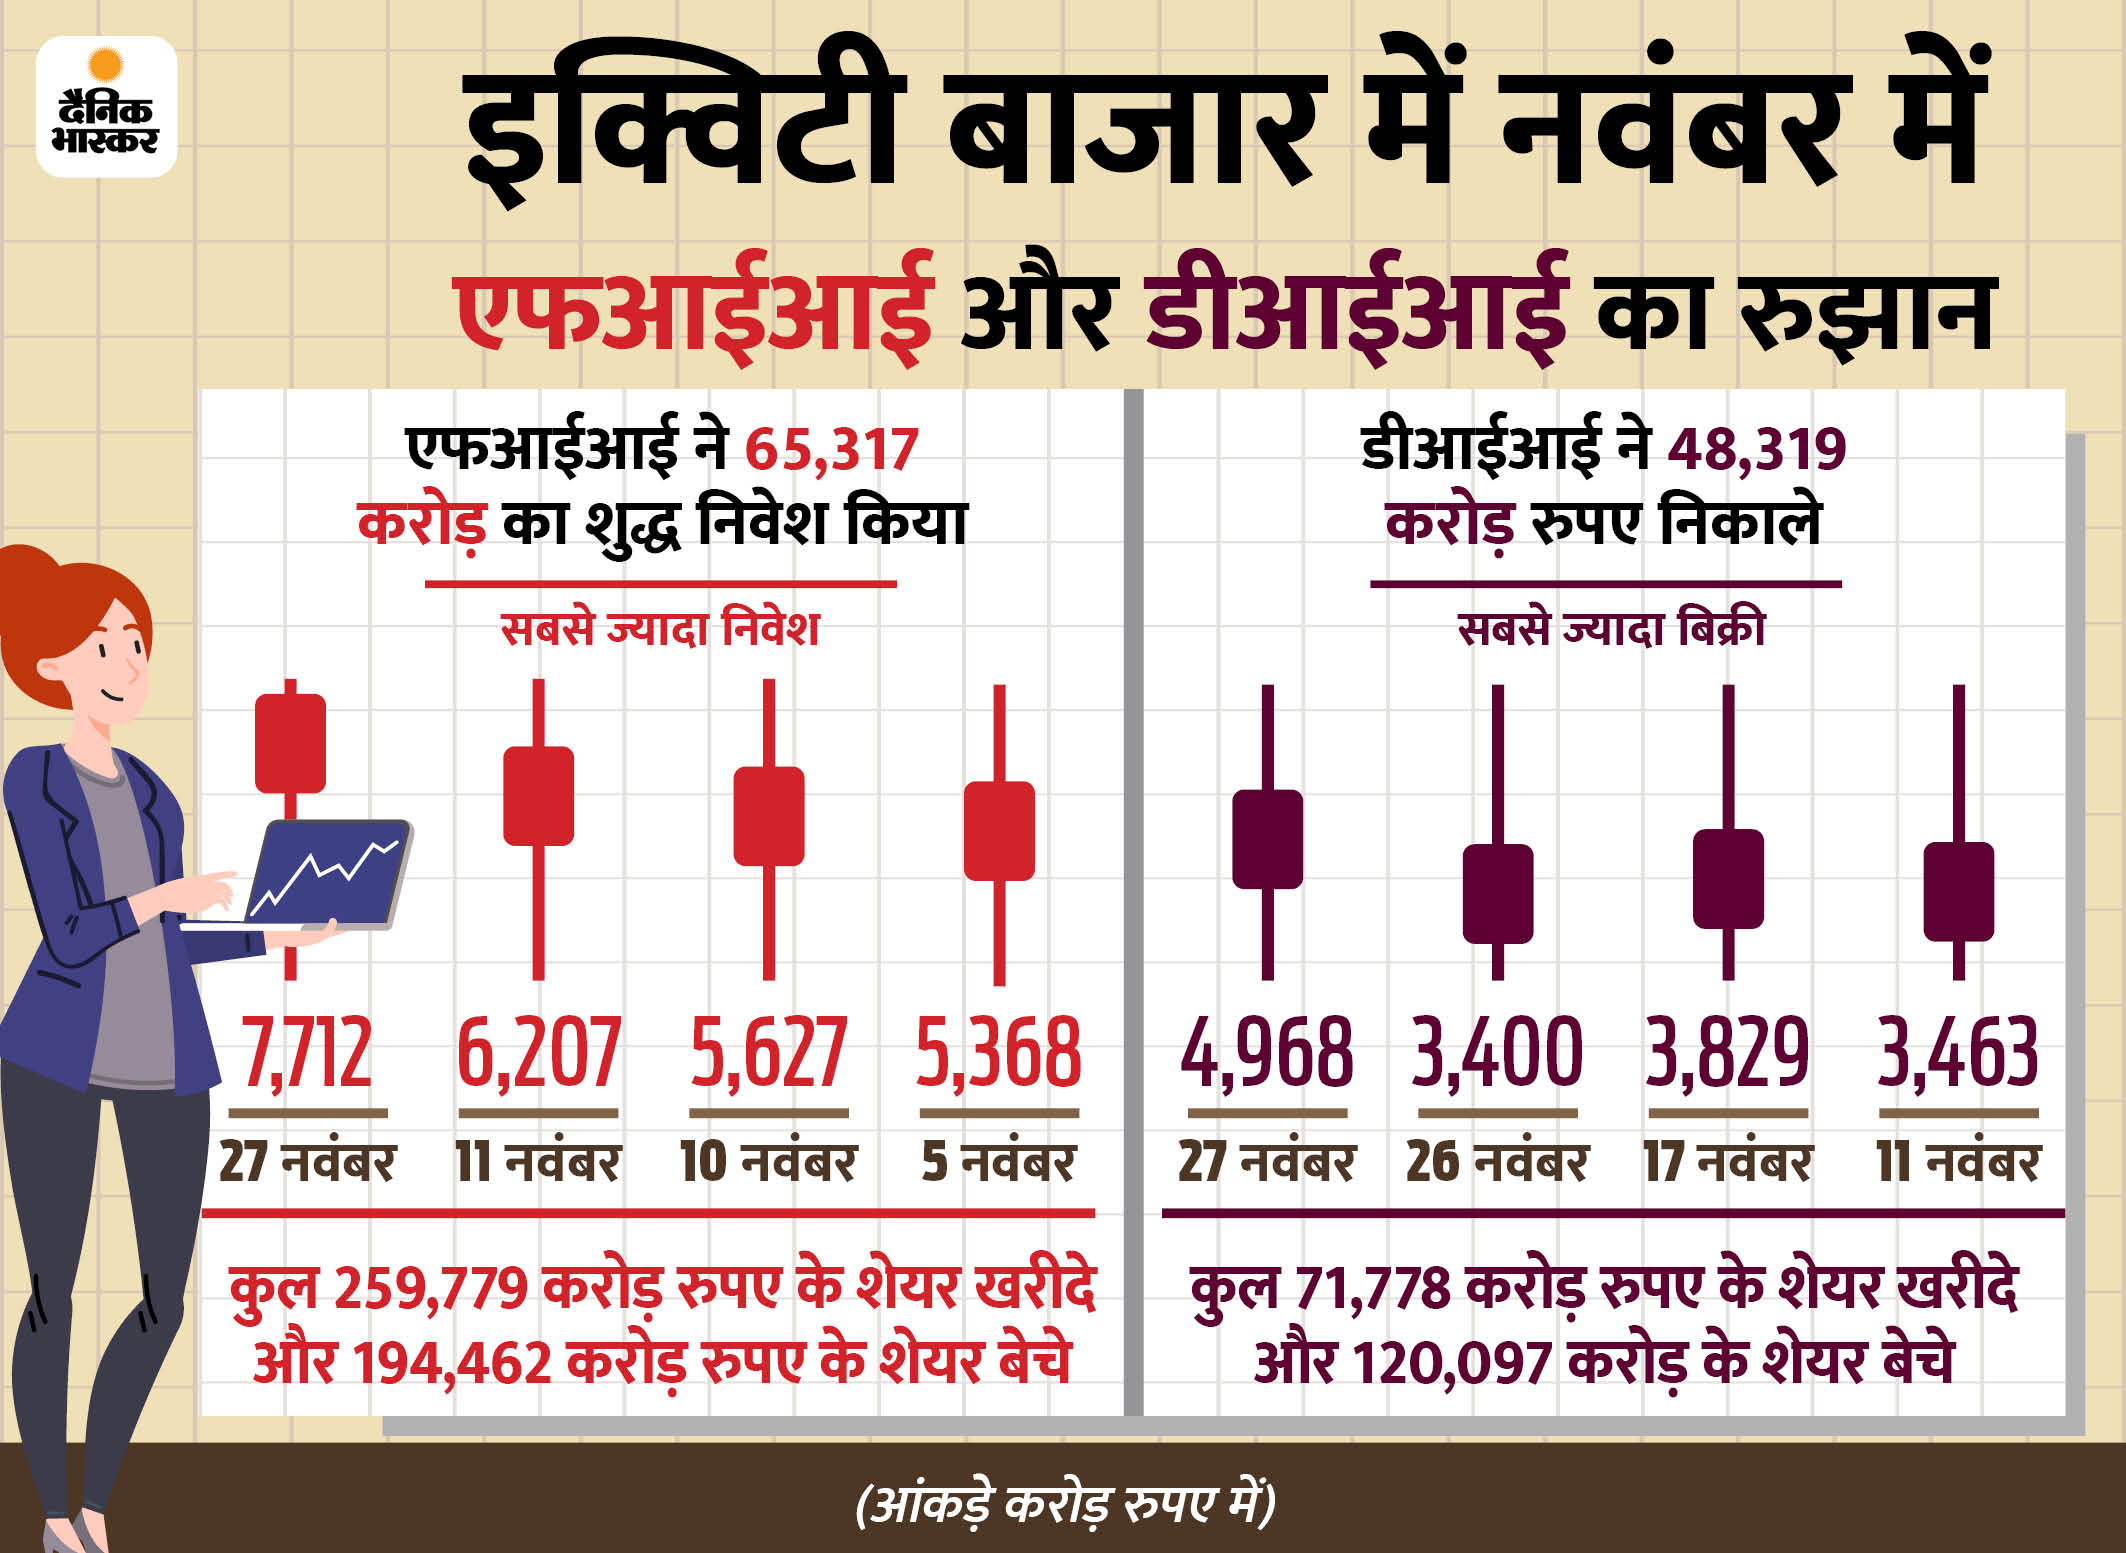 टॉप के 6 बाजारों में भारत एफआईआई का सबसे पसंदीदा बाजार, इस साल सबसे ज्यादा निवेश|बिजनेस,Business - Dainik Bhaskar